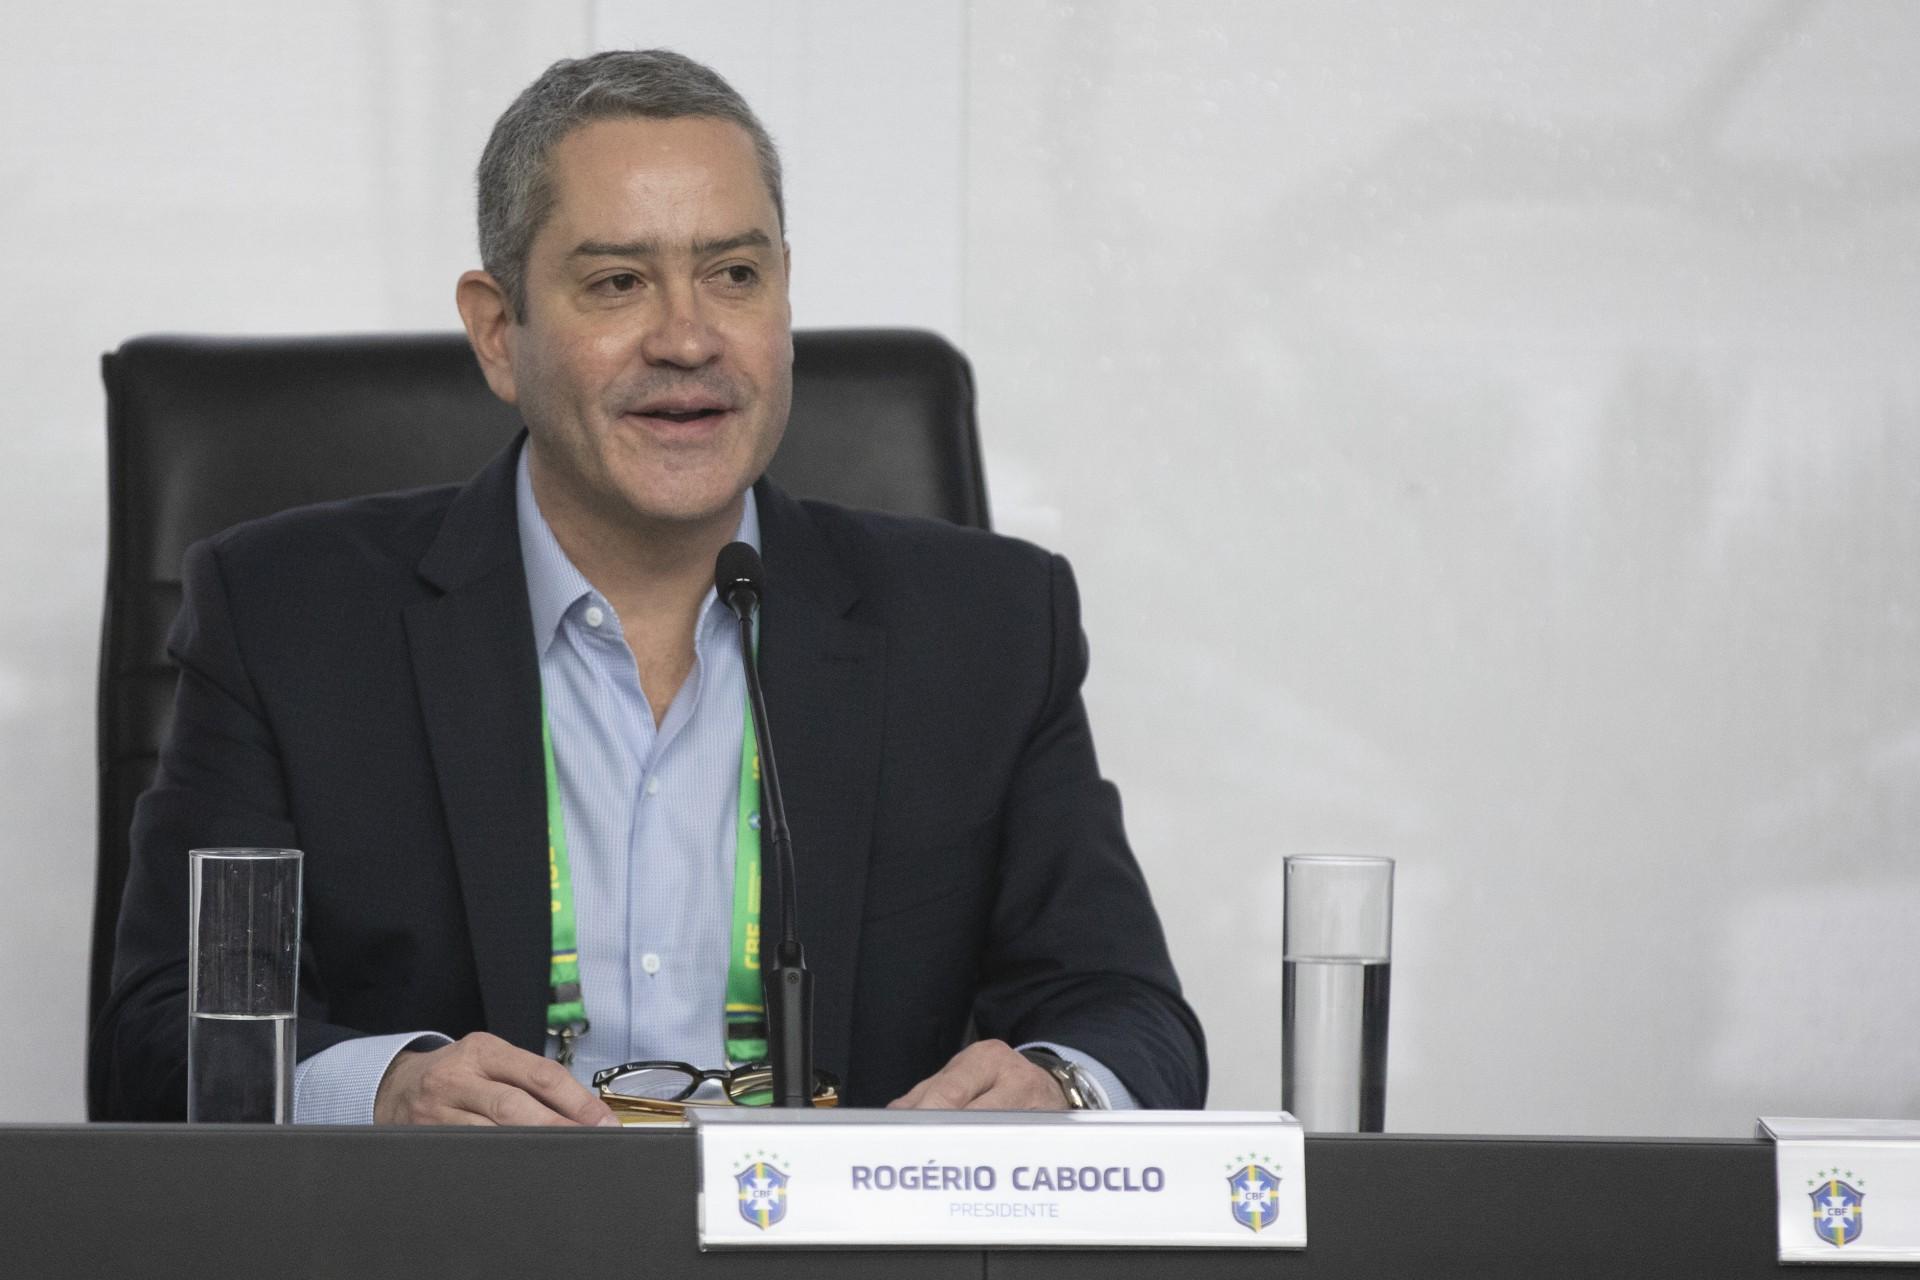 Rogério Caboclo está afastado do cargo de presidente da CBF após denúncias de assédio sexual virem à tona (Foto: Lucas Figueiredo/CBF)